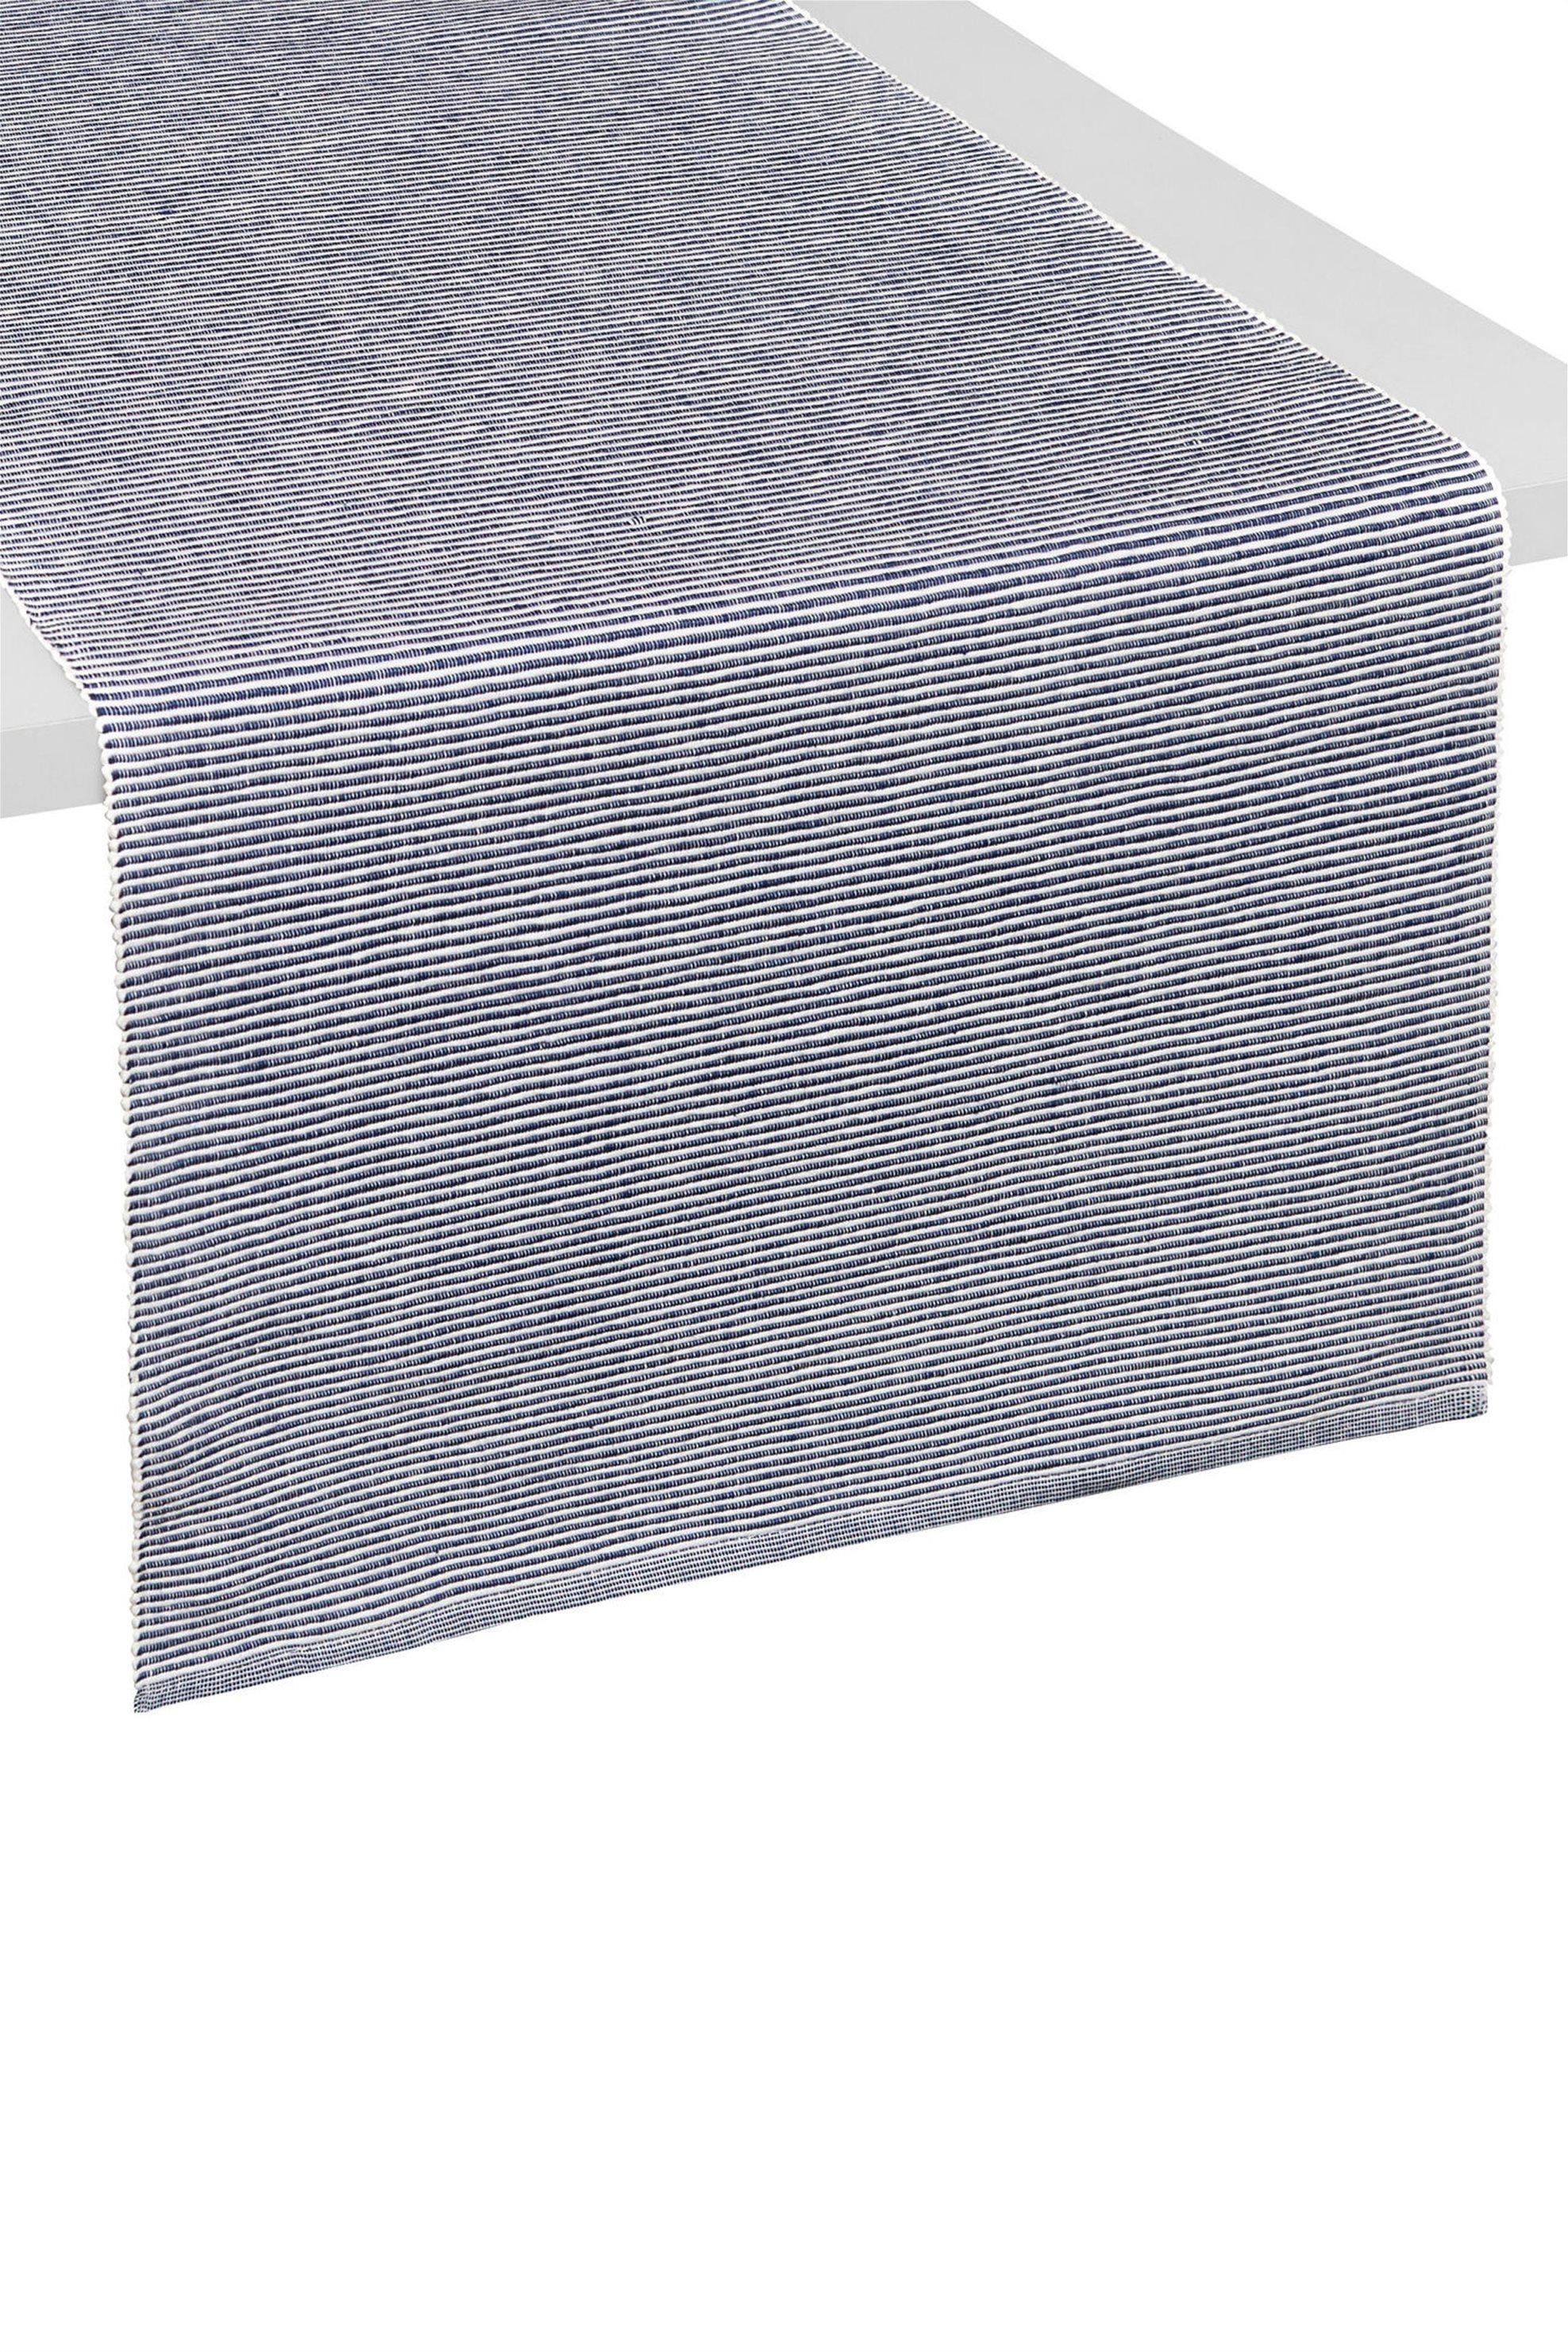 Ράνερ με ρίγες 40 x 140 cm Coincasa - 000494807 - Μπλε home   κουζινα   τραβέρσες   ράνερ